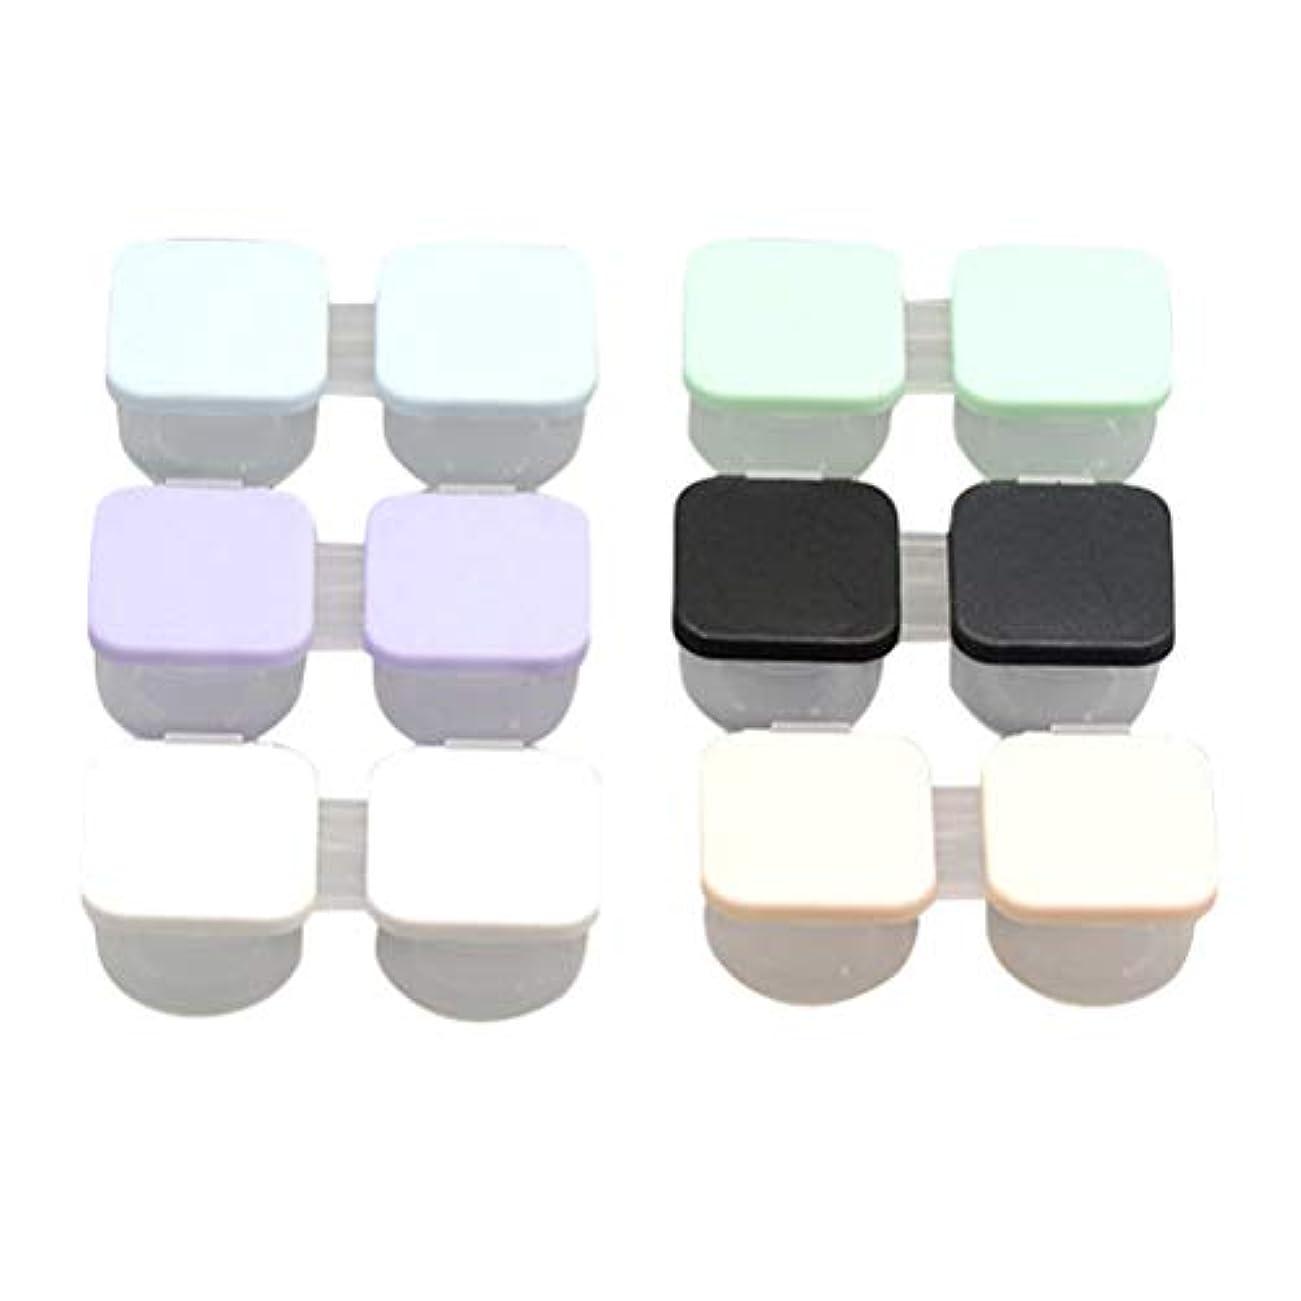 書く煩わしい追放SUPVOX コンタクトケース ケアパレット 保存ケース プラスチック製 軽量 安全6個入(混色)